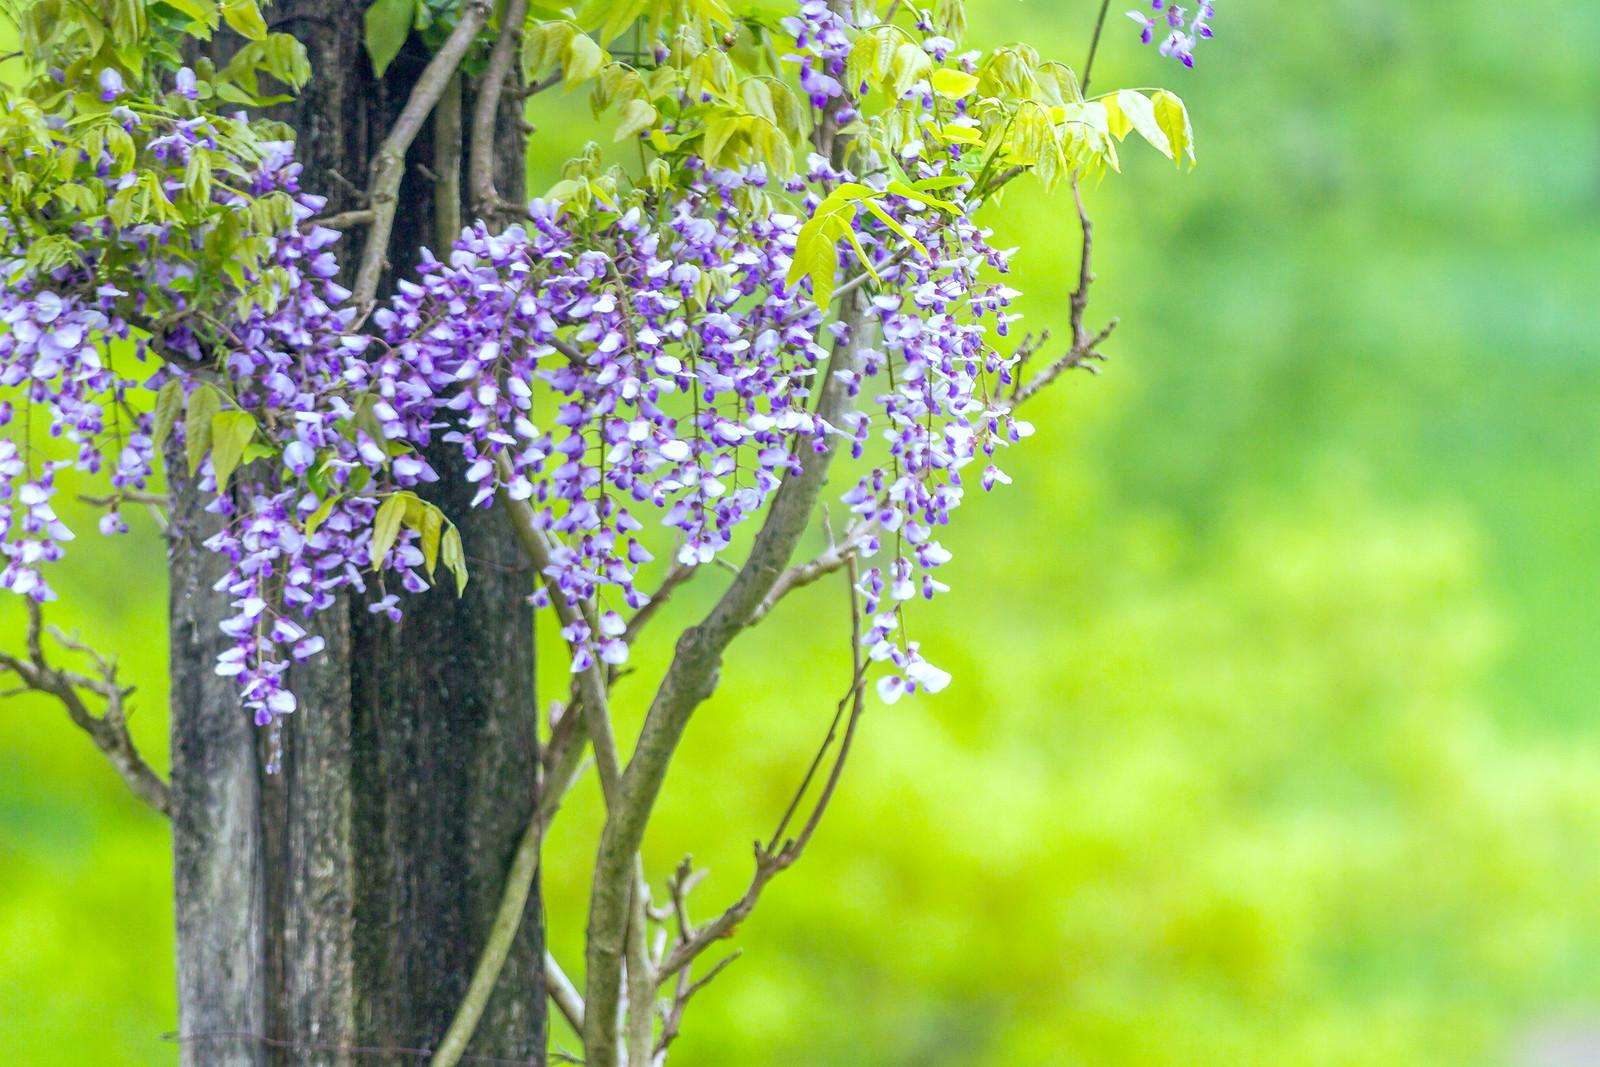 紫藤花相遇在春天